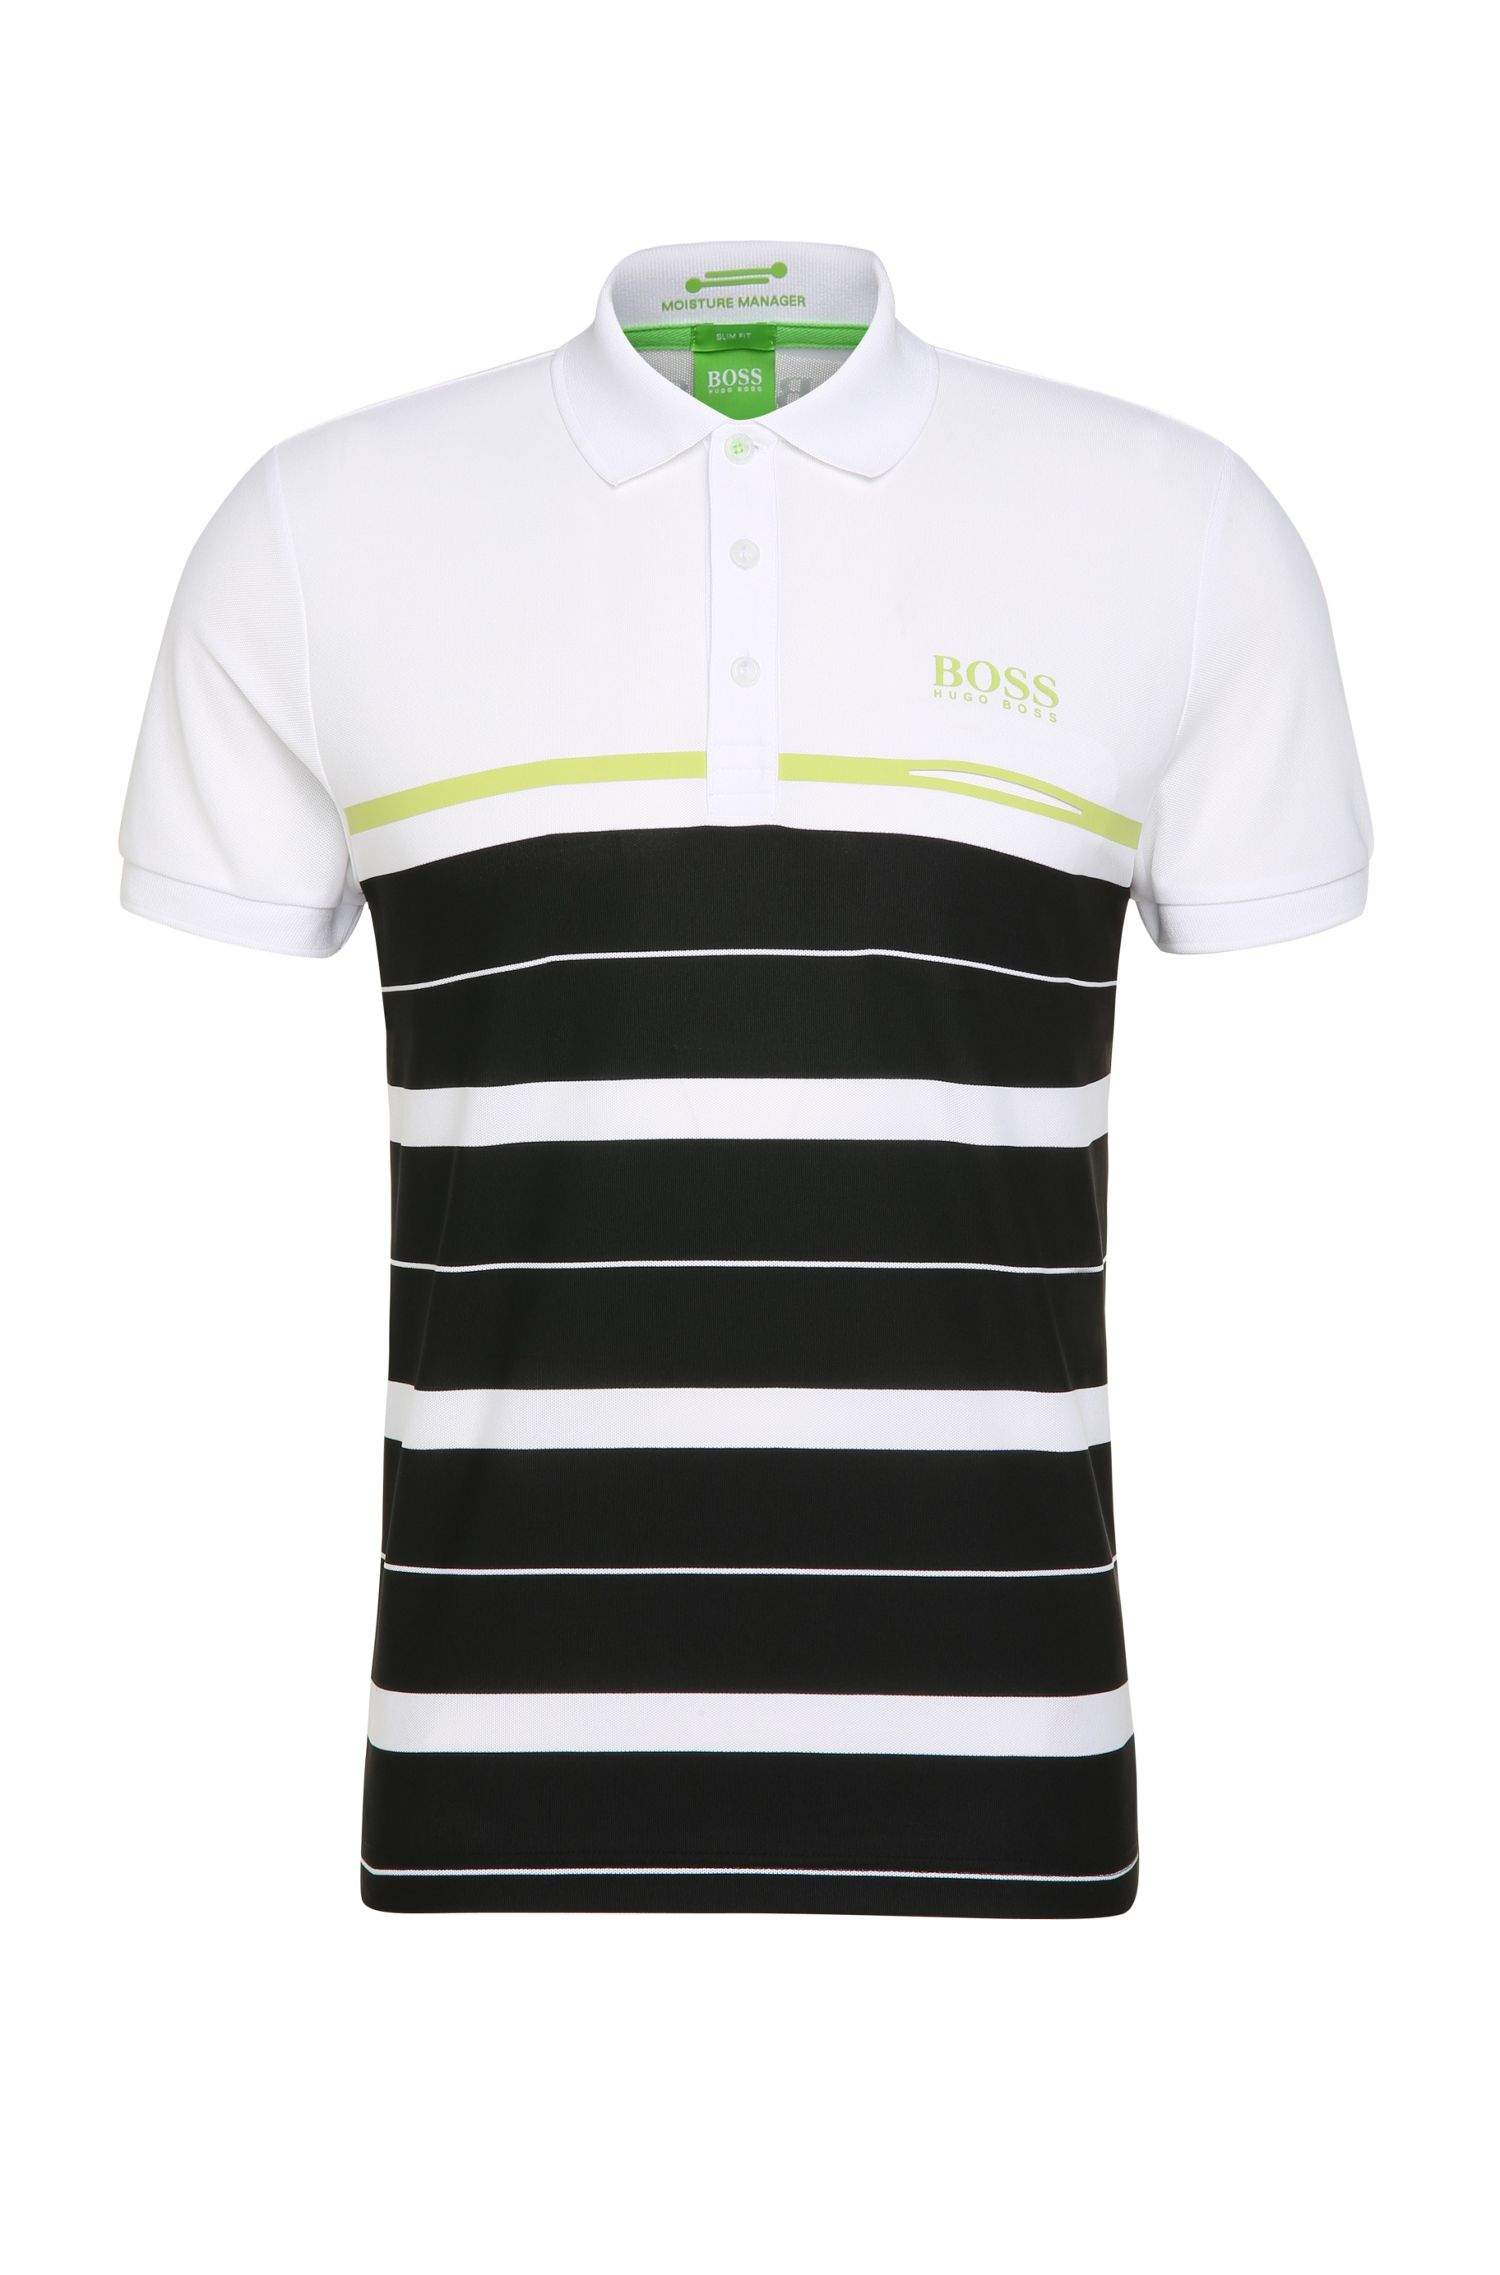 'Paule Pro' | Slim Fit, Moisture Manager Cotton Polo Shirt